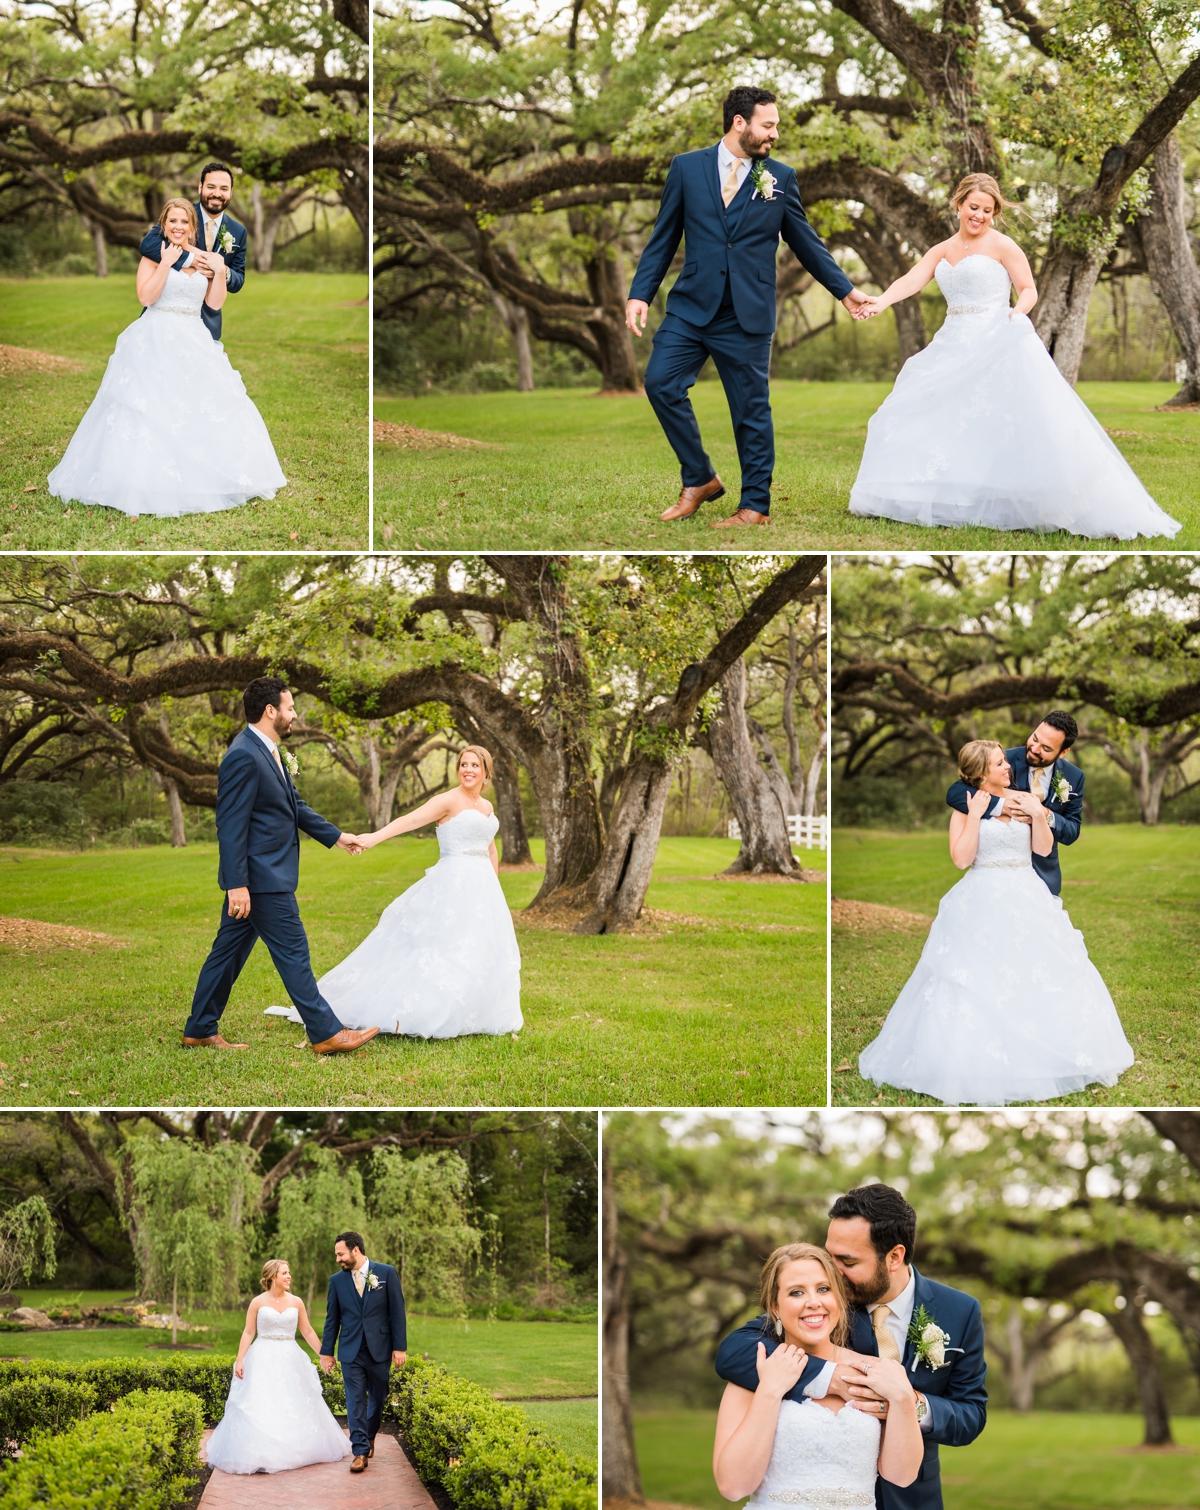 Magnolia Manor Wedding Springs Venue Bride and Groom